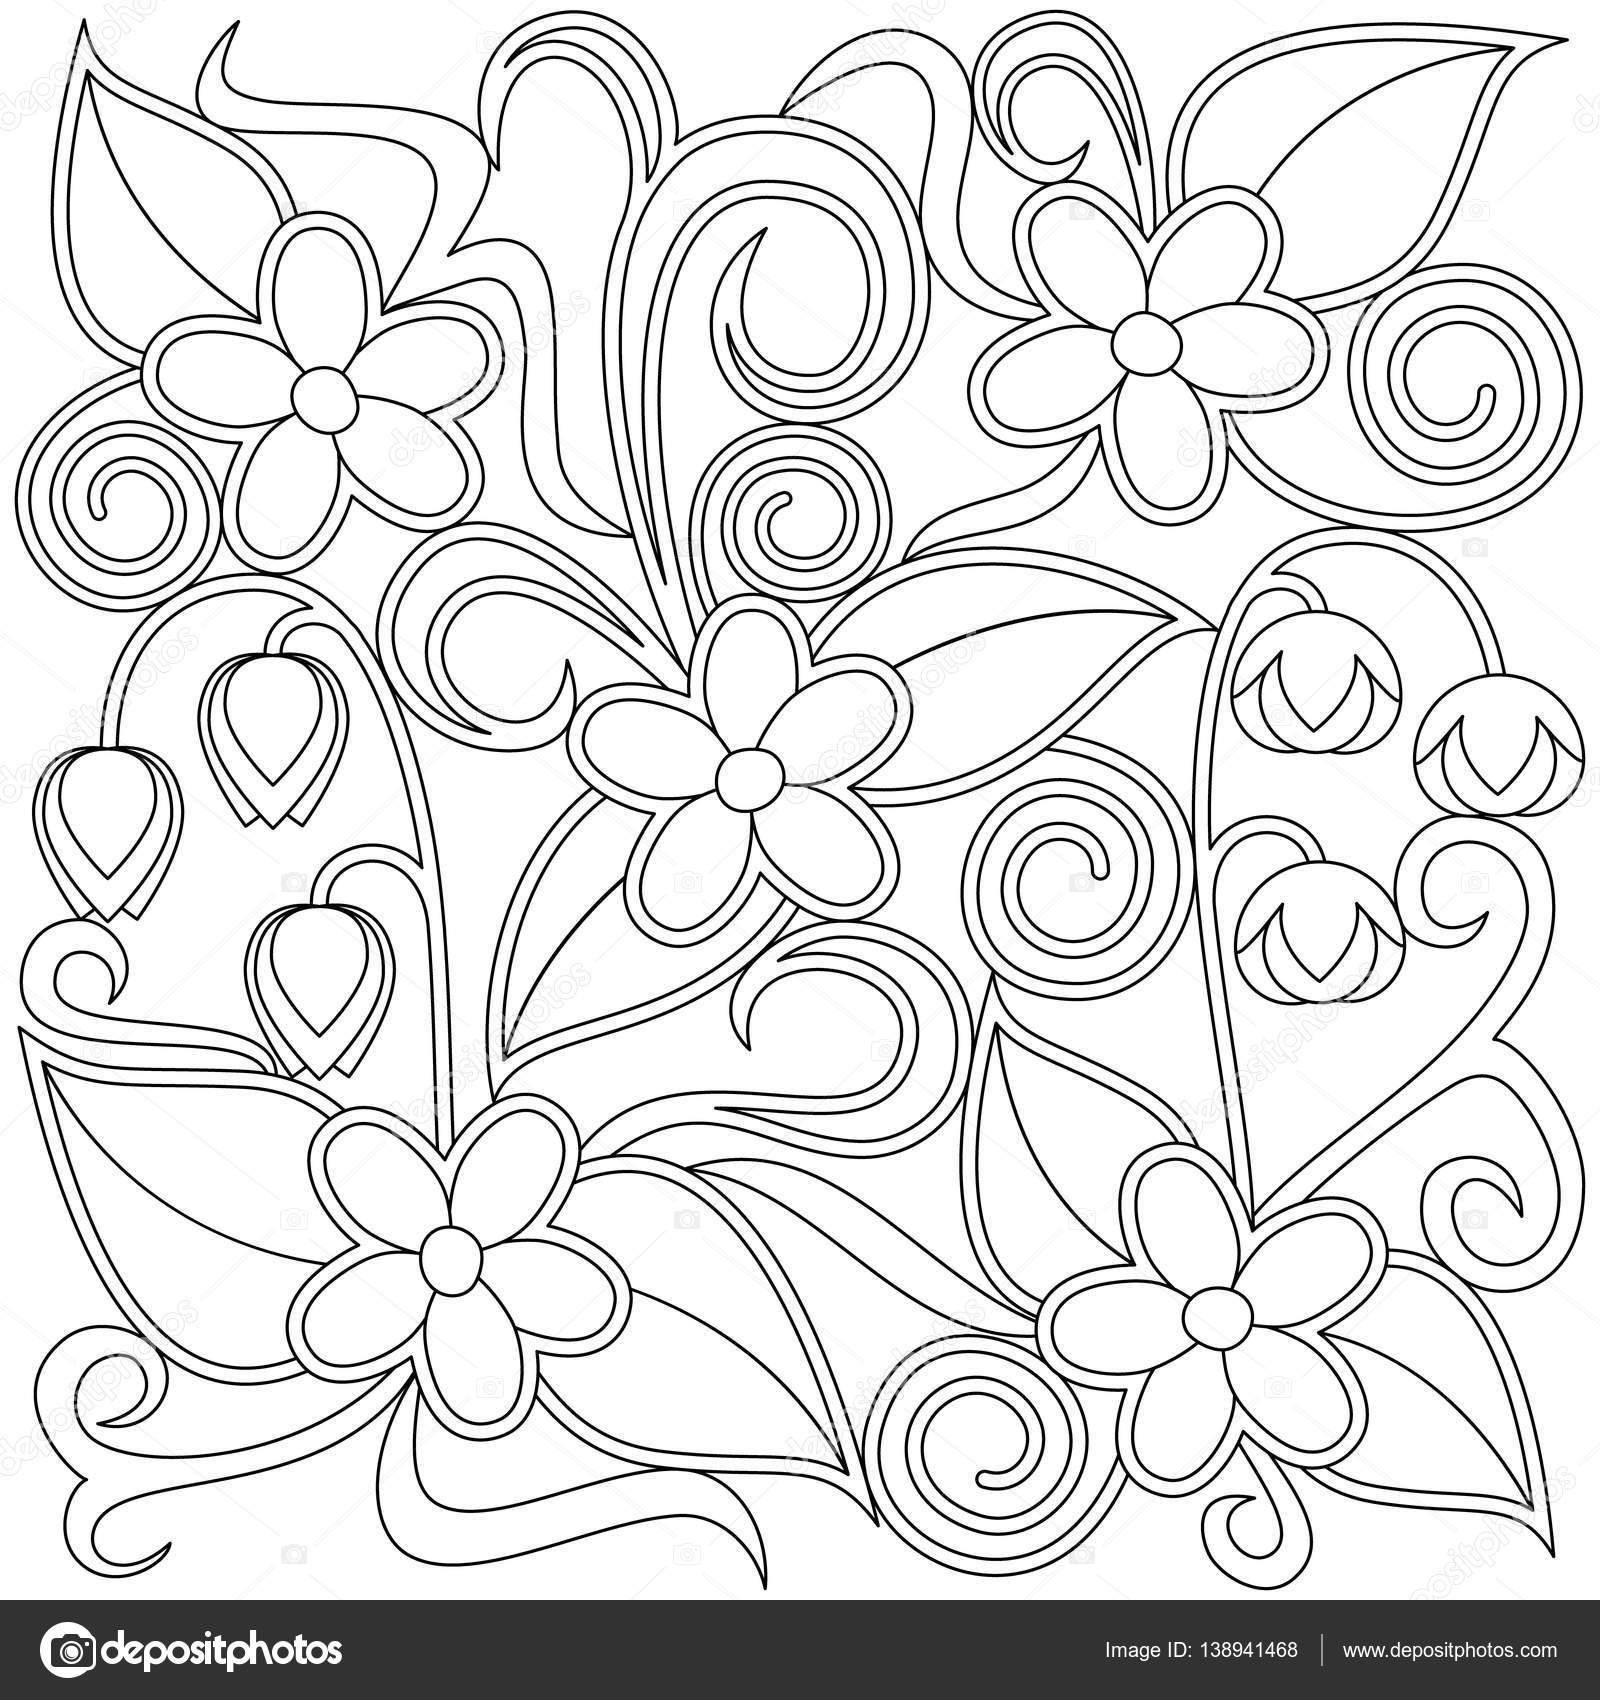 çiçek Boyama Sayfası Stok Vektör Vectoramac 138941468